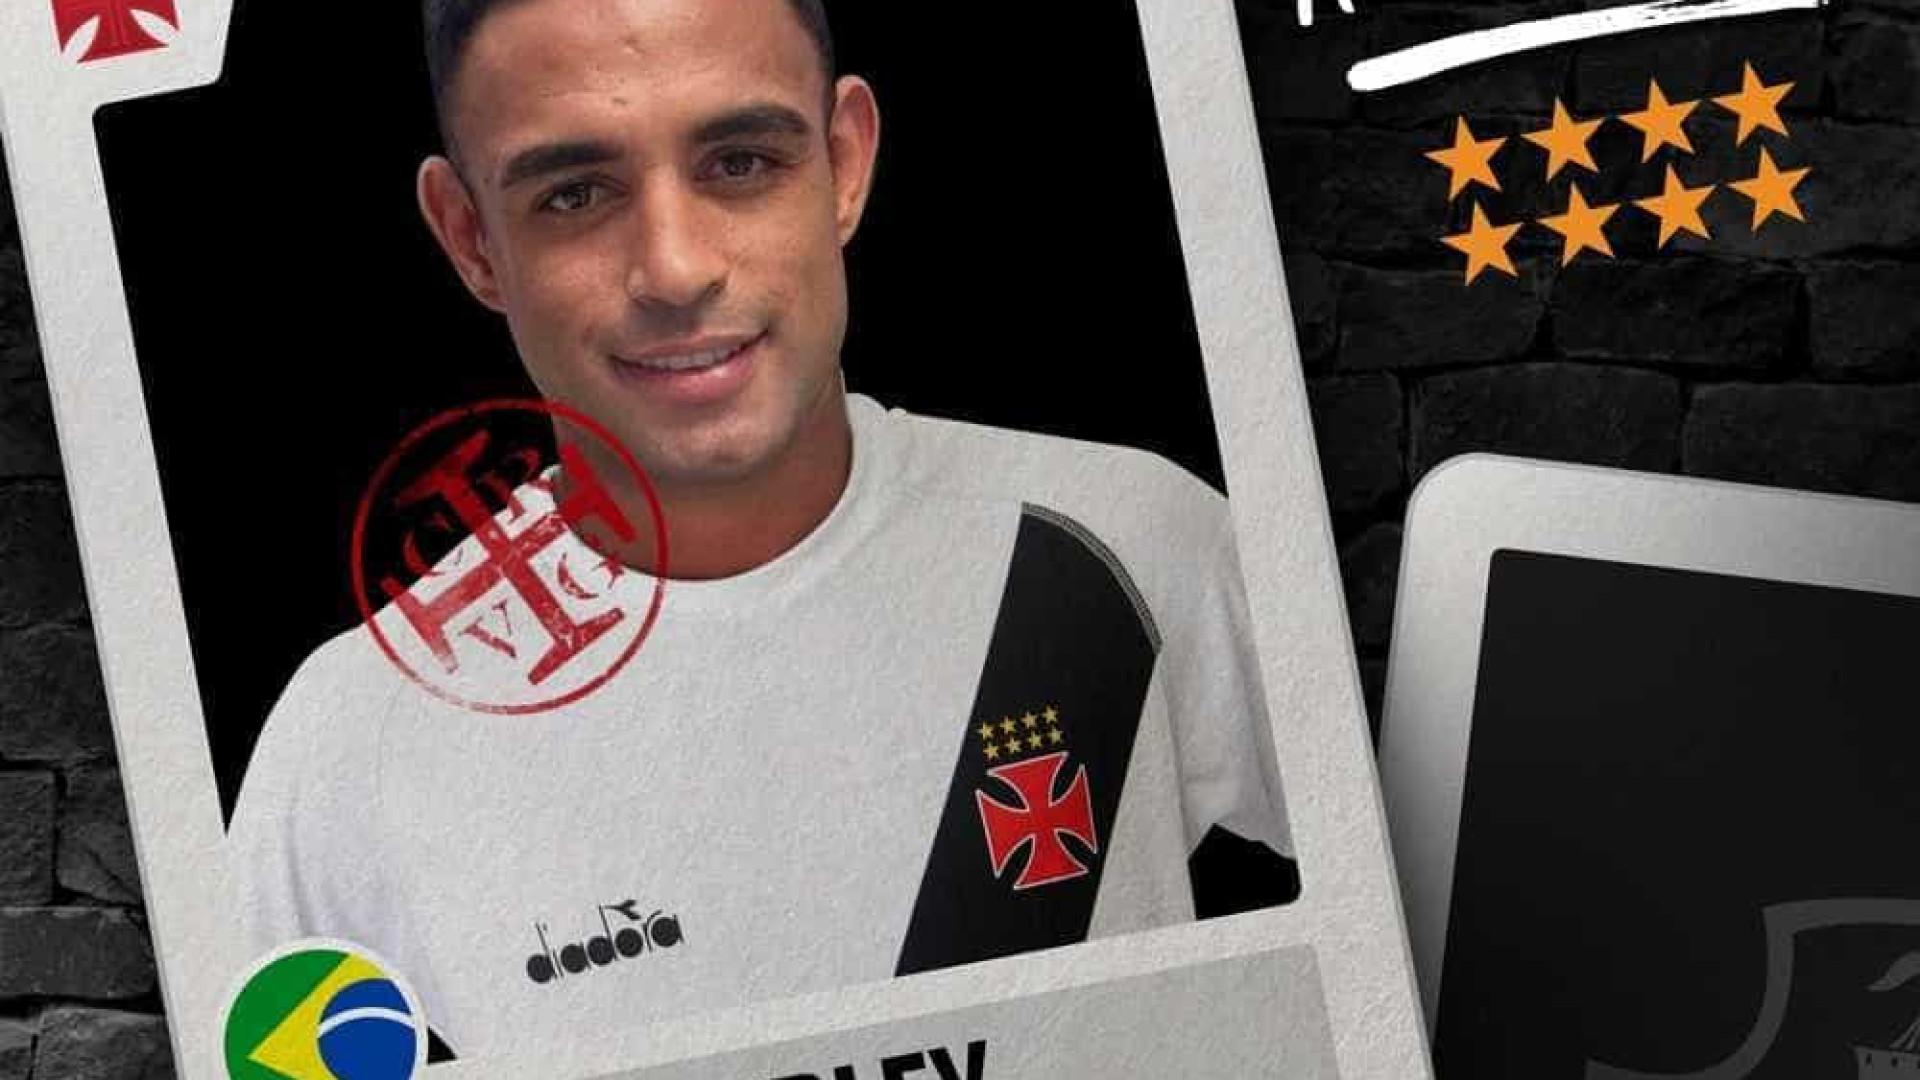 Vasco confirma a contratação do zagueiro Werley, ex-Grêmio e Atlético-MG